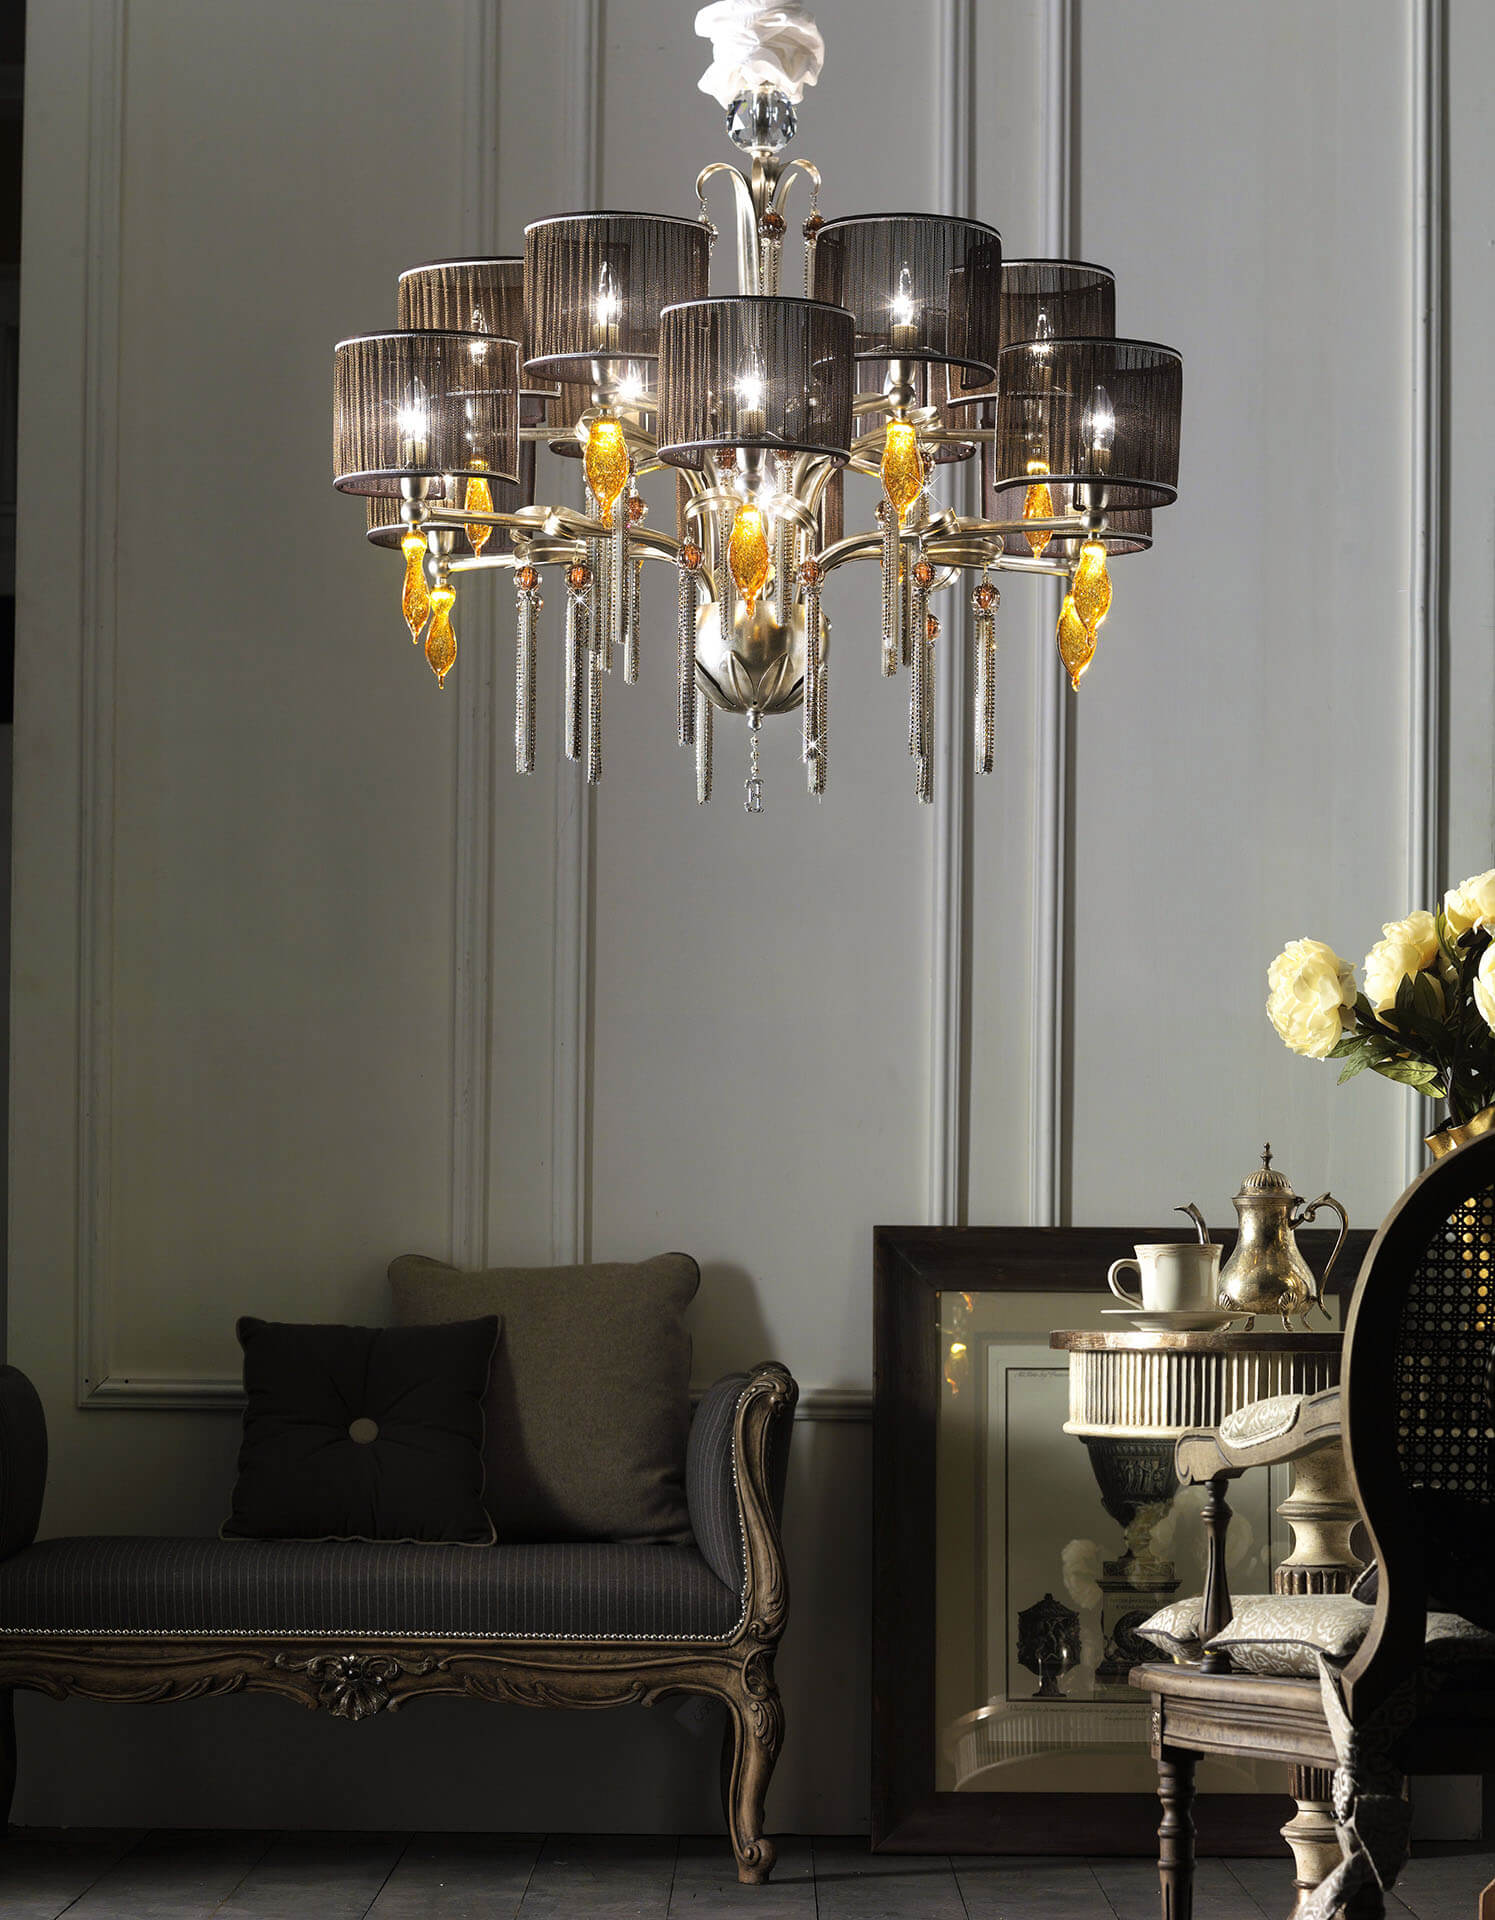 sala con lampadario di design